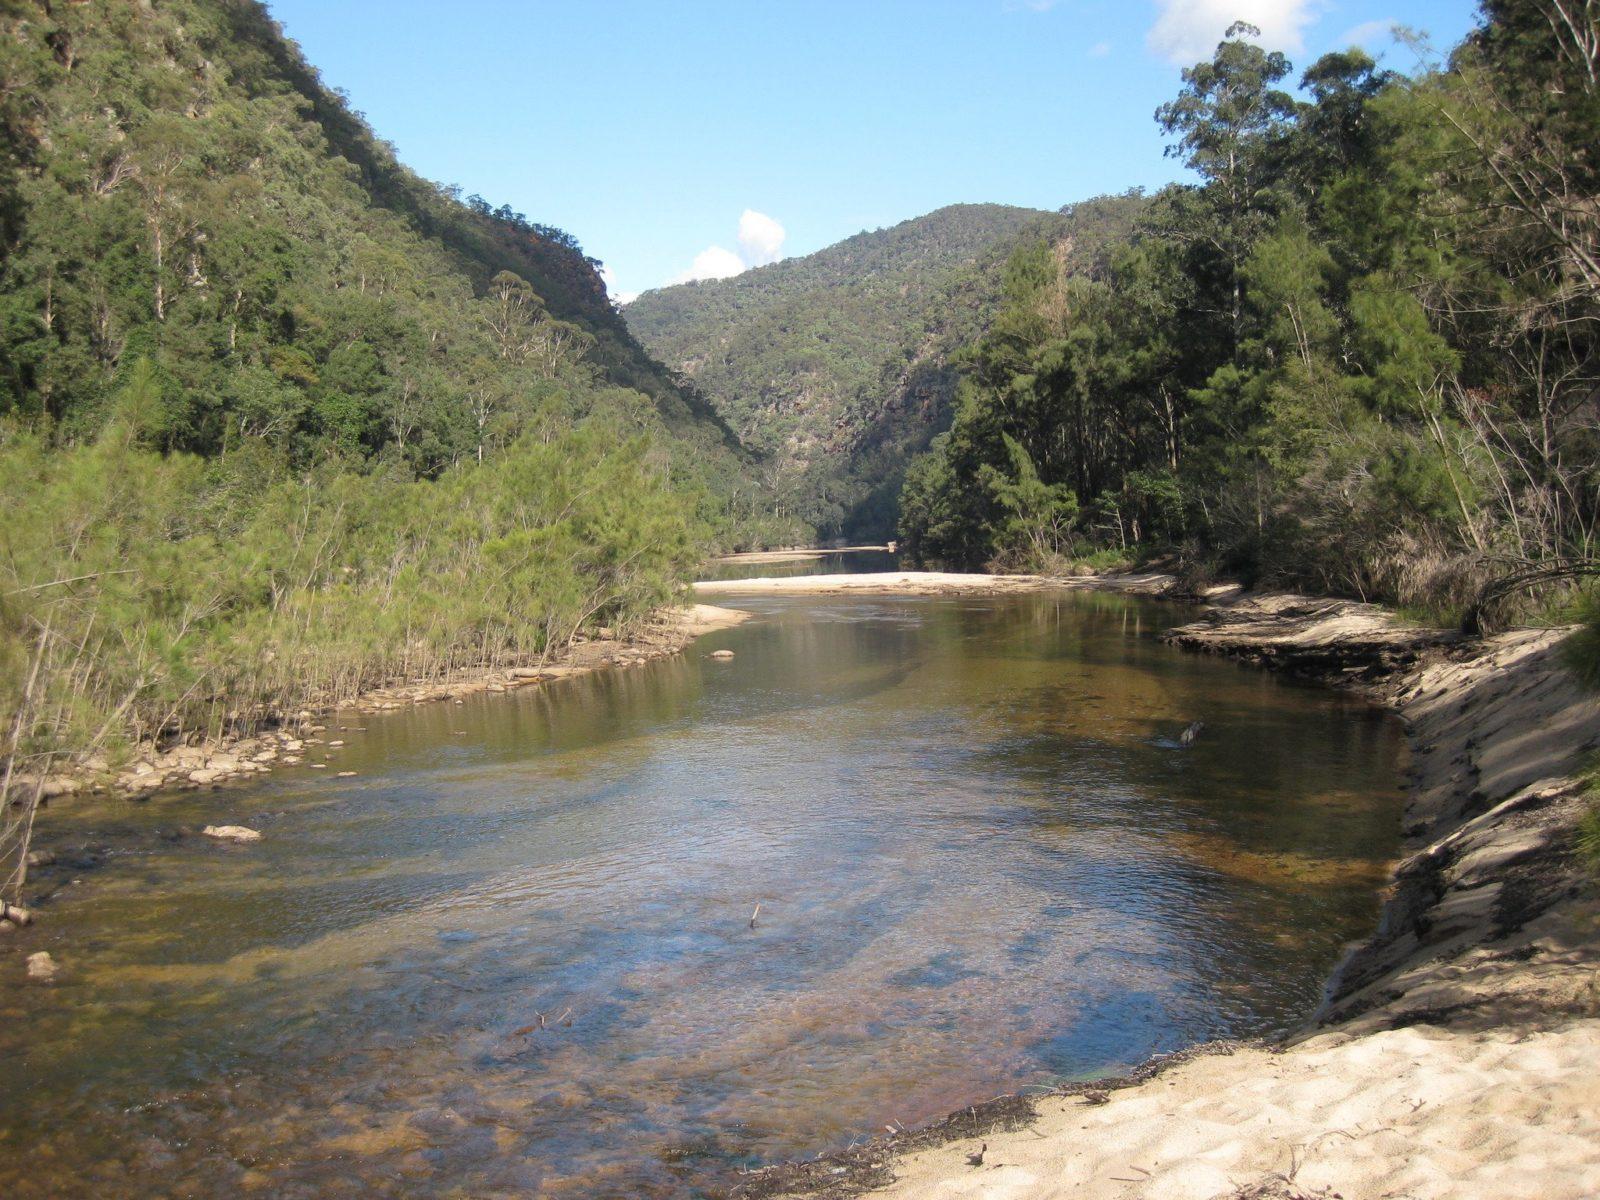 Colo River